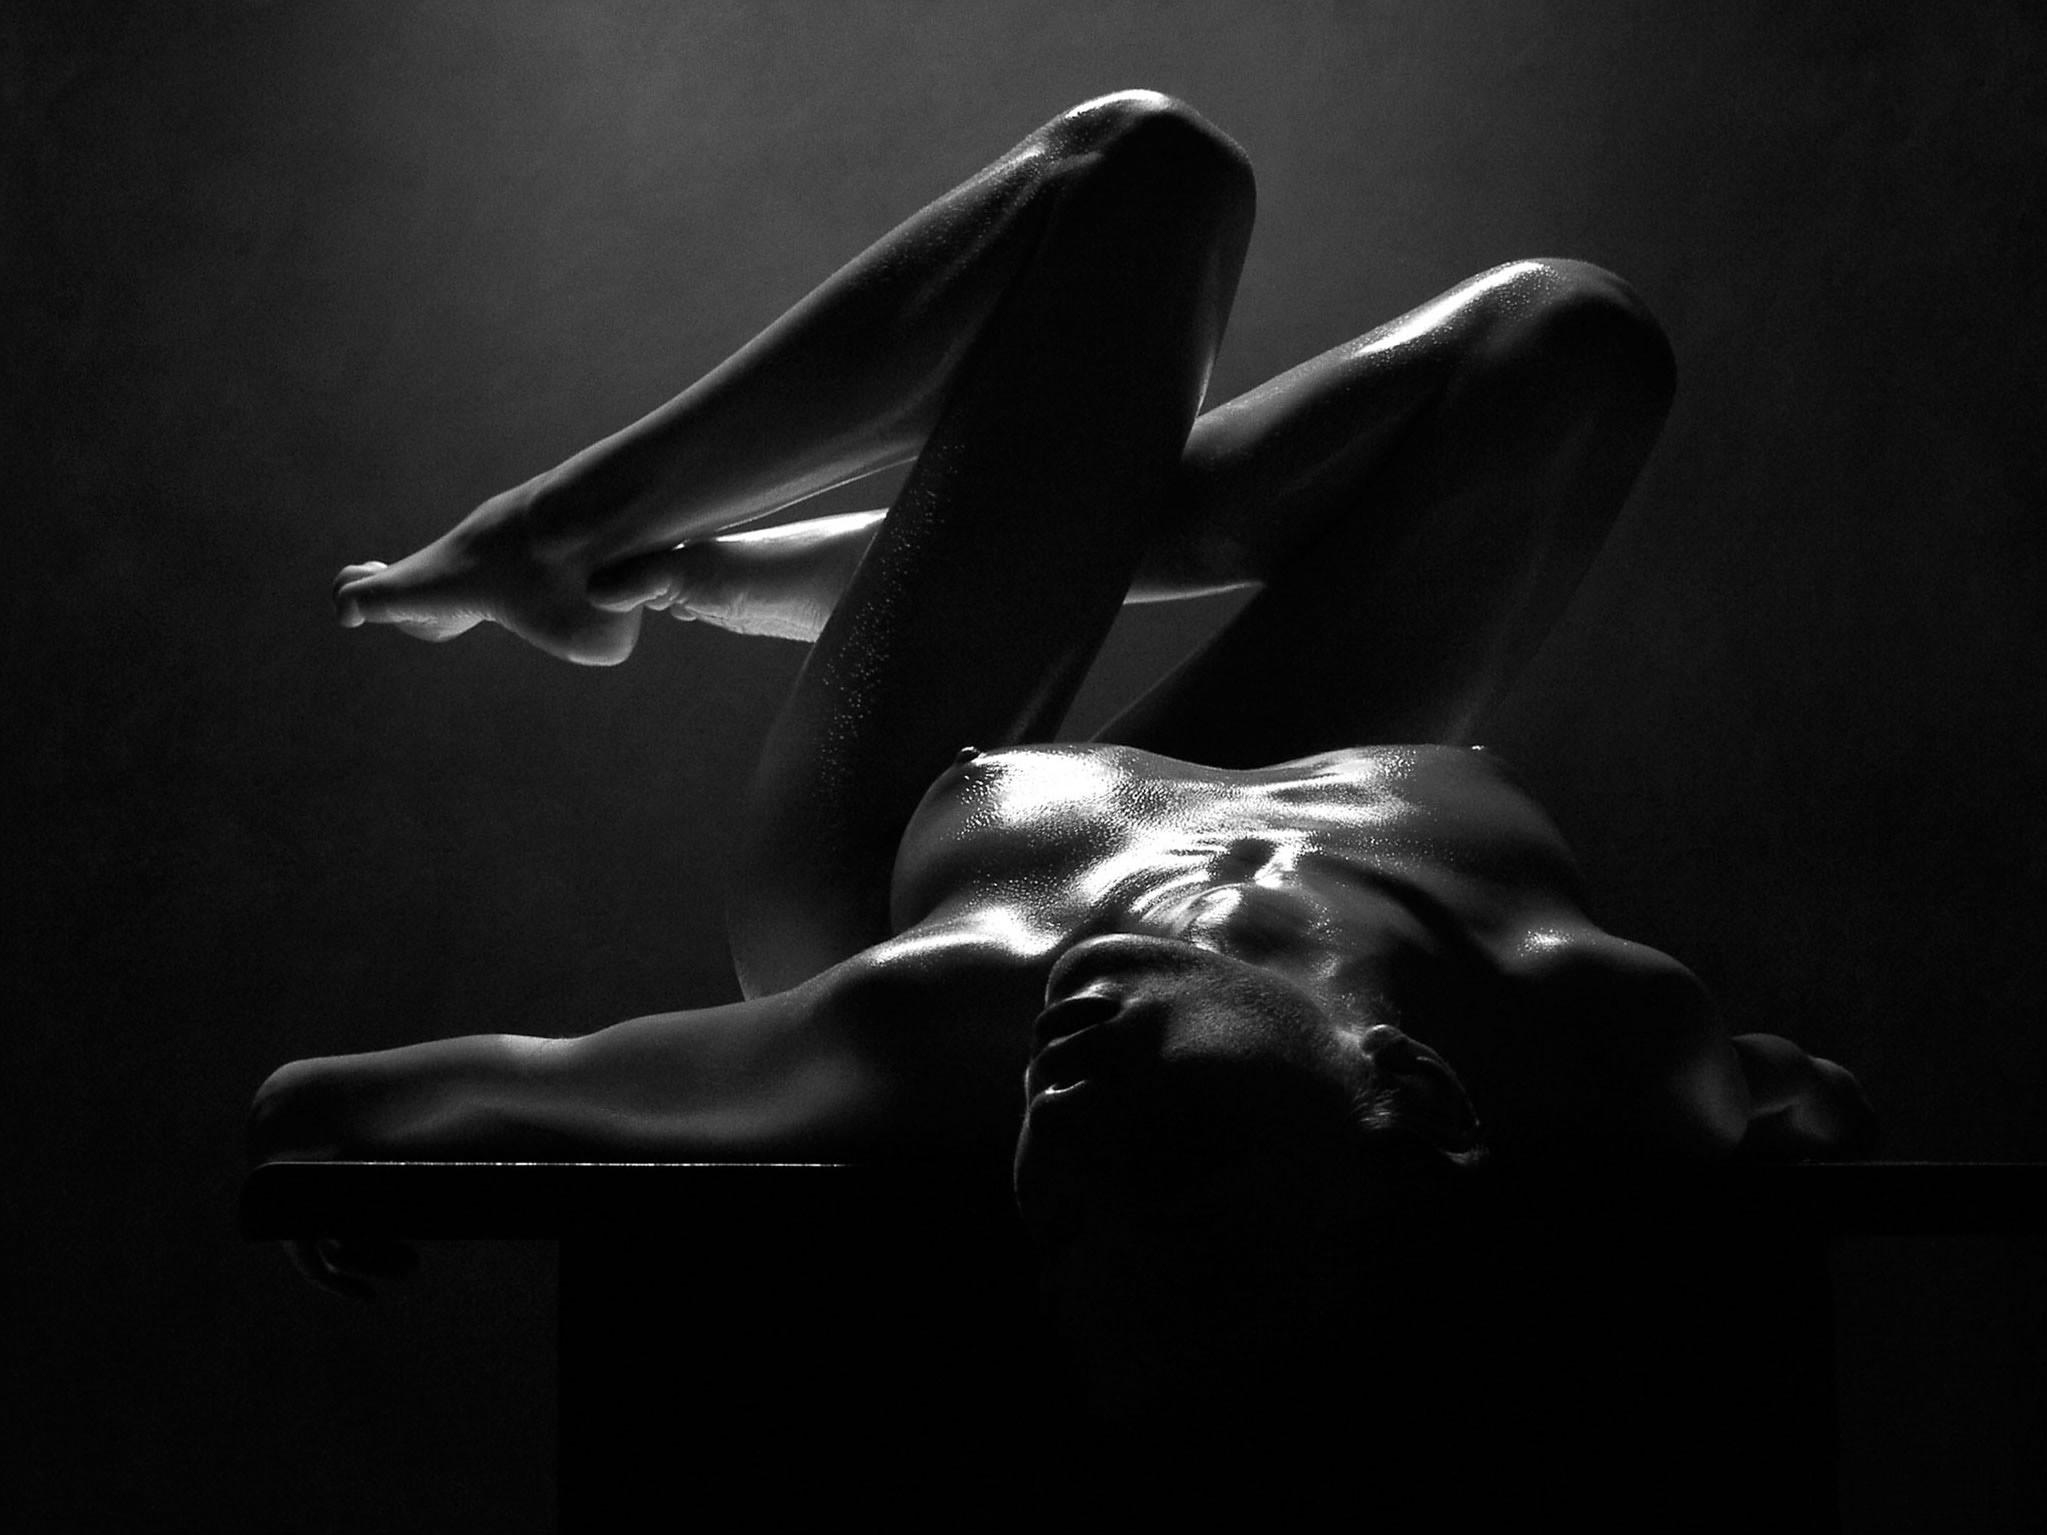 Чёрно белое порно фото девушка 21 фотография